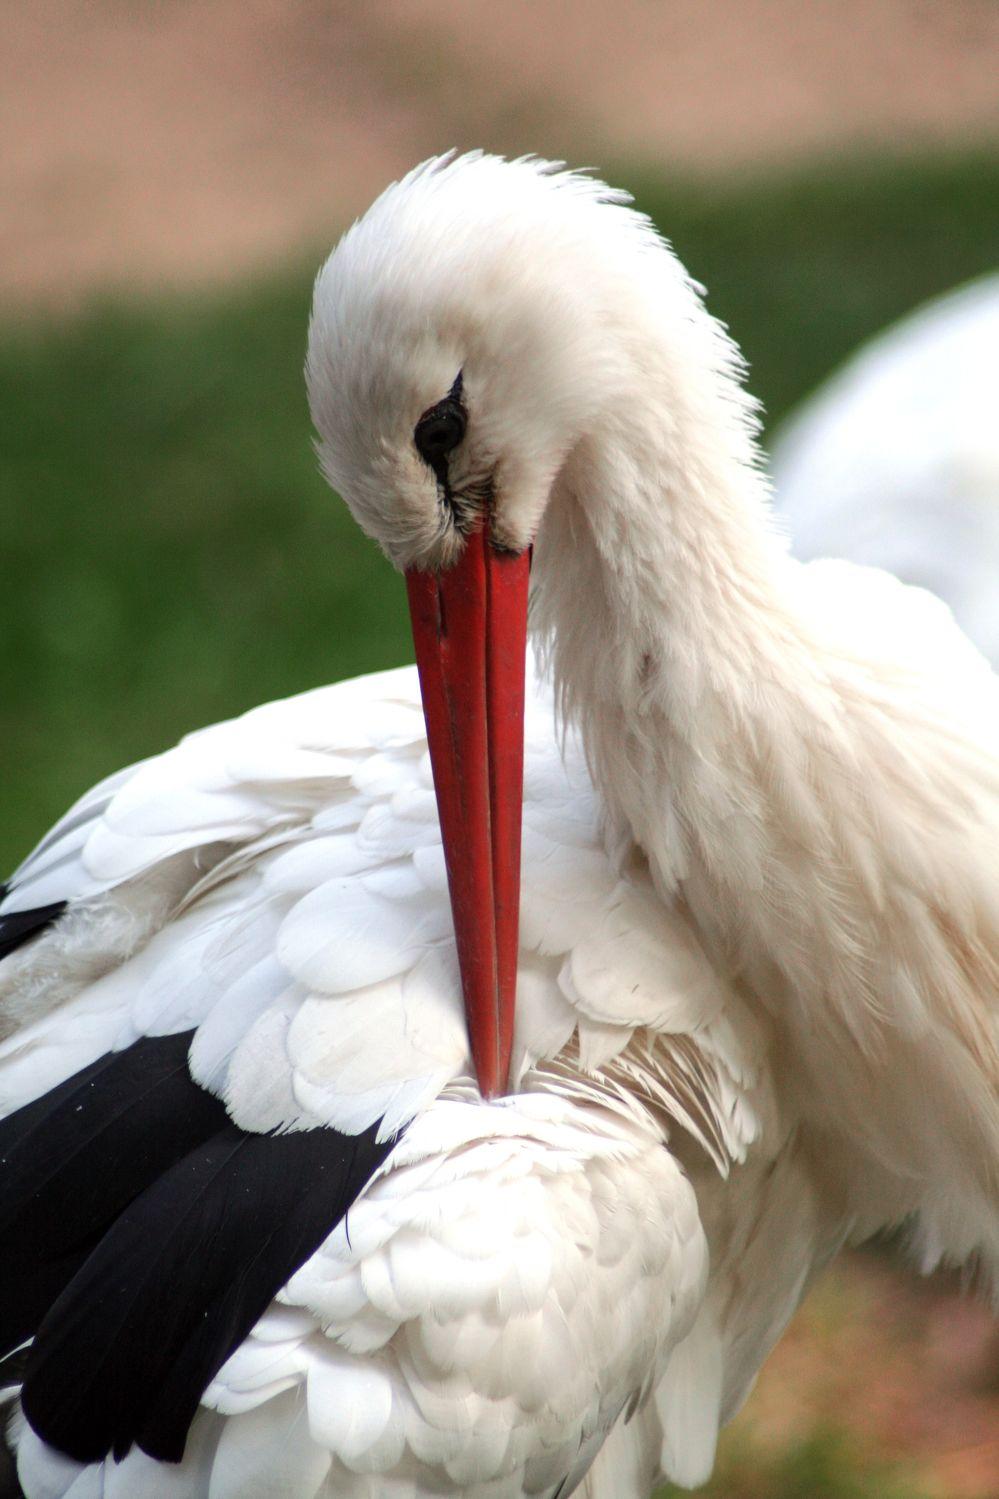 Bild mit Tiere, Natur, Vögel, Vögel, Störche, Federn, Tier, Storch